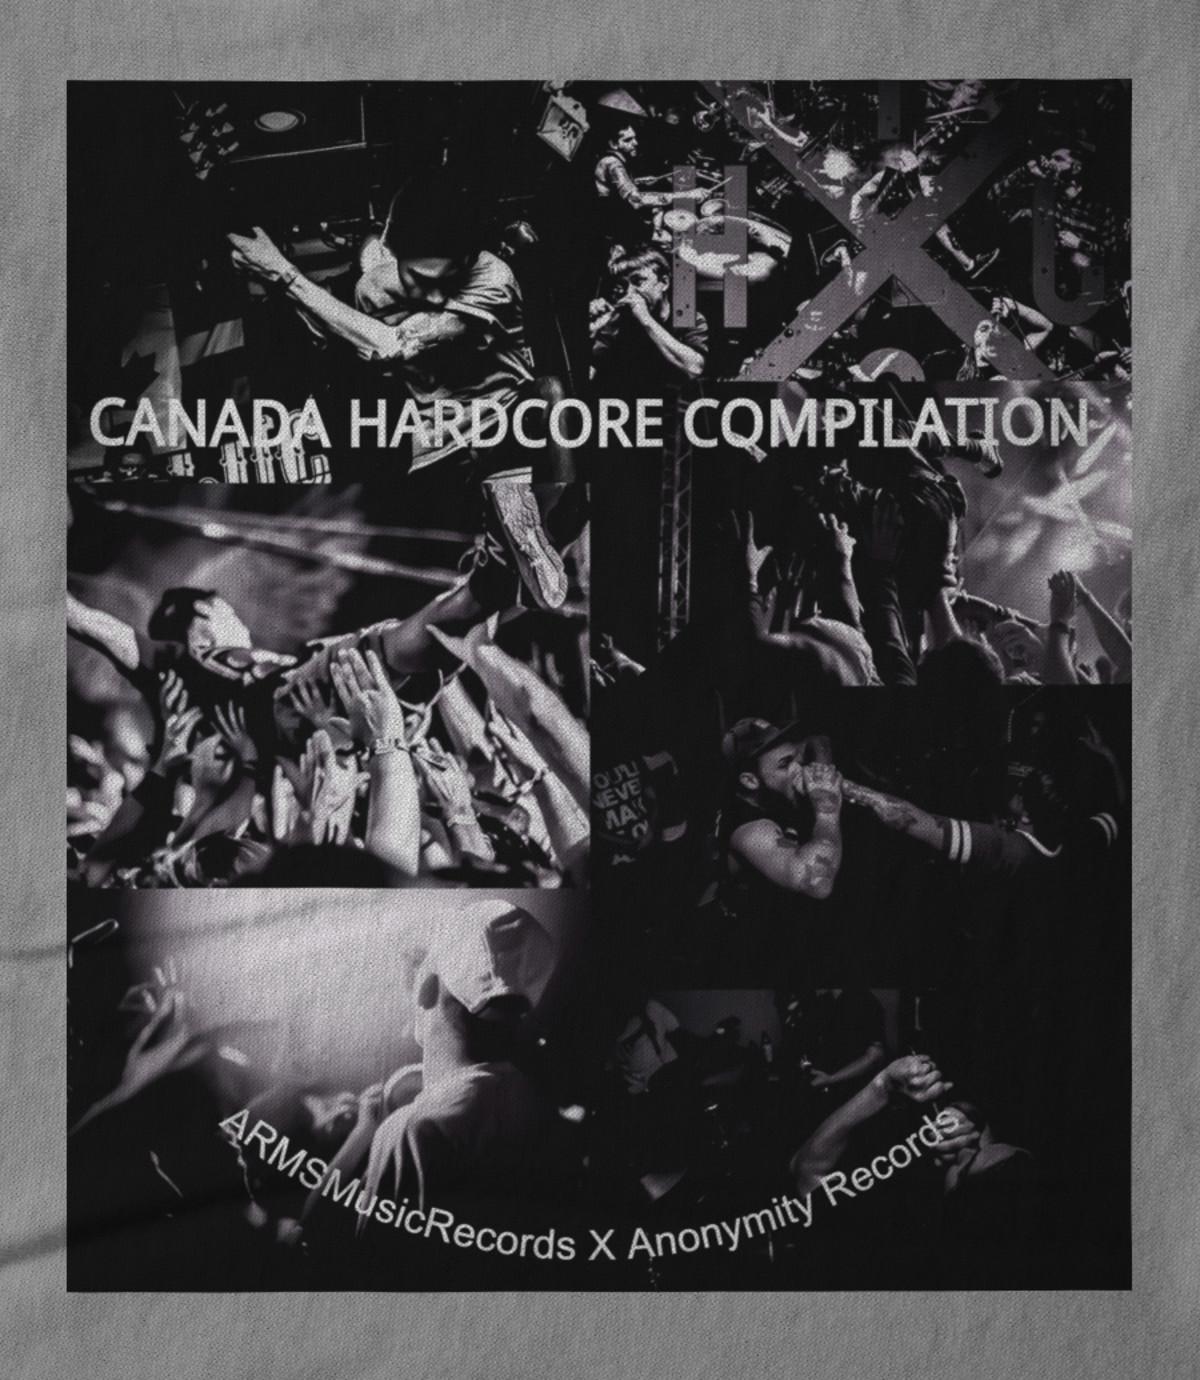 Armsmusicrecords canada hardcore comp  artwork n2 1547375416